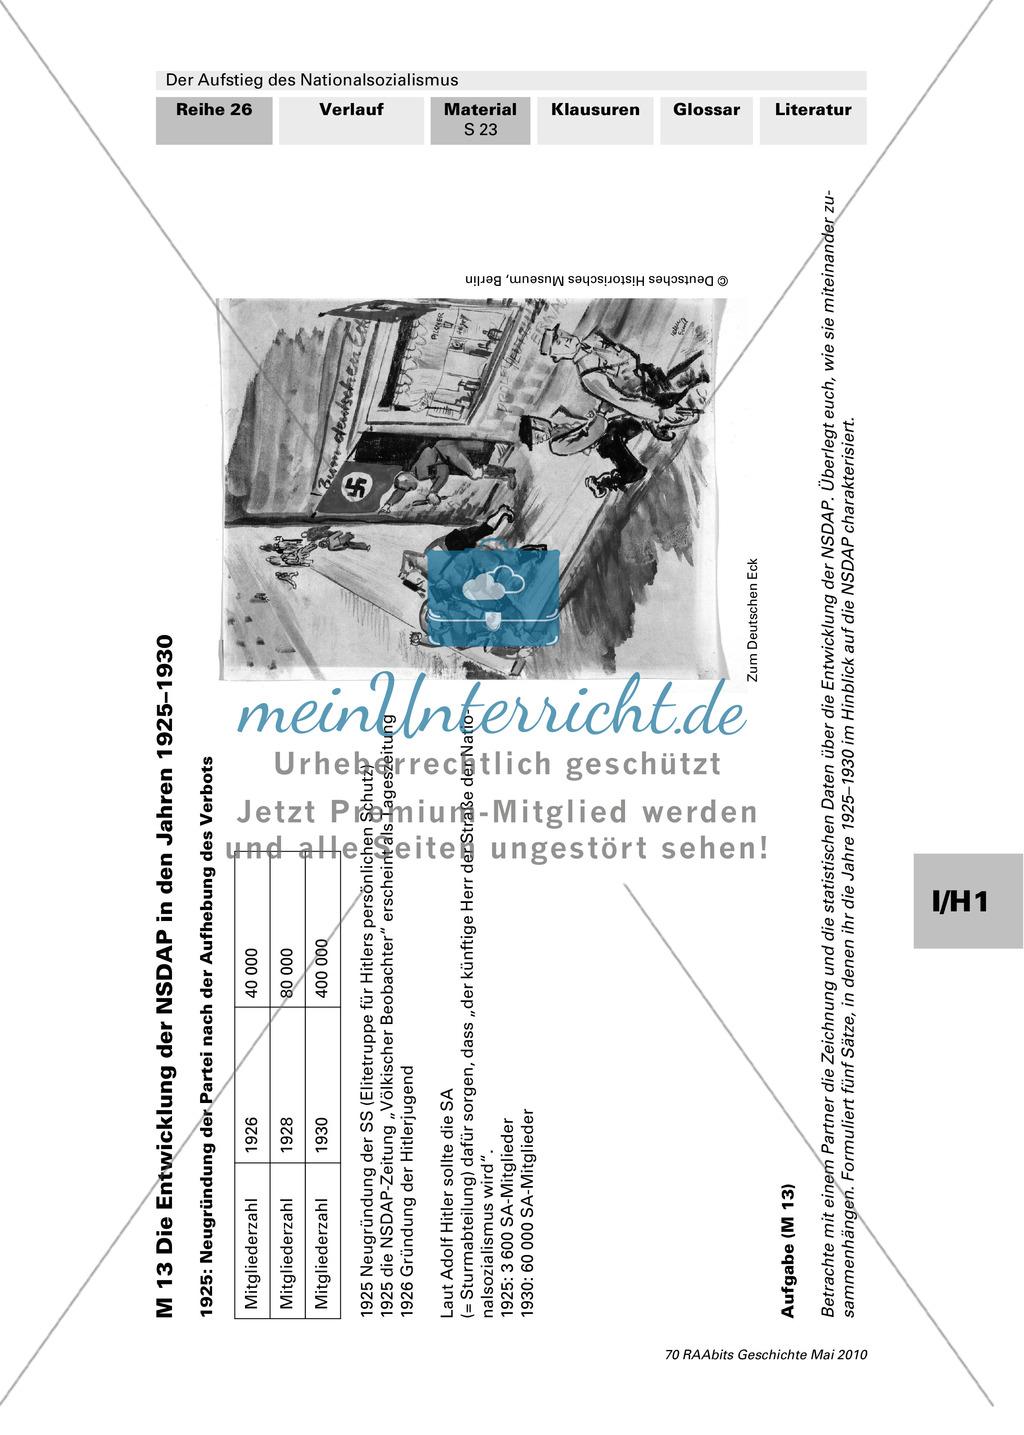 Der Aufstieg des Nationalsozialismus in der Weimarer ...